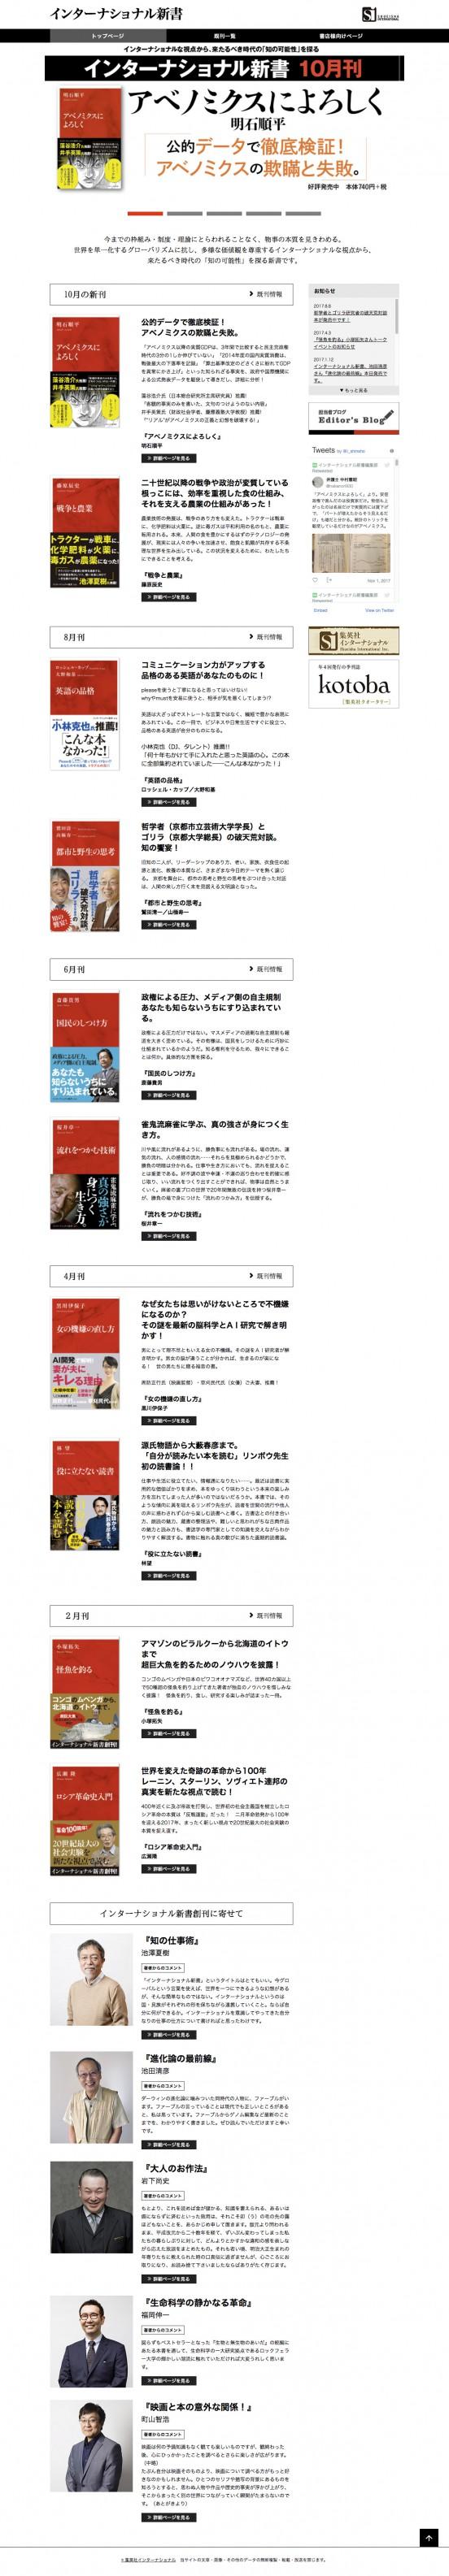 インターナショナル新書 | 集英社インターナショナル